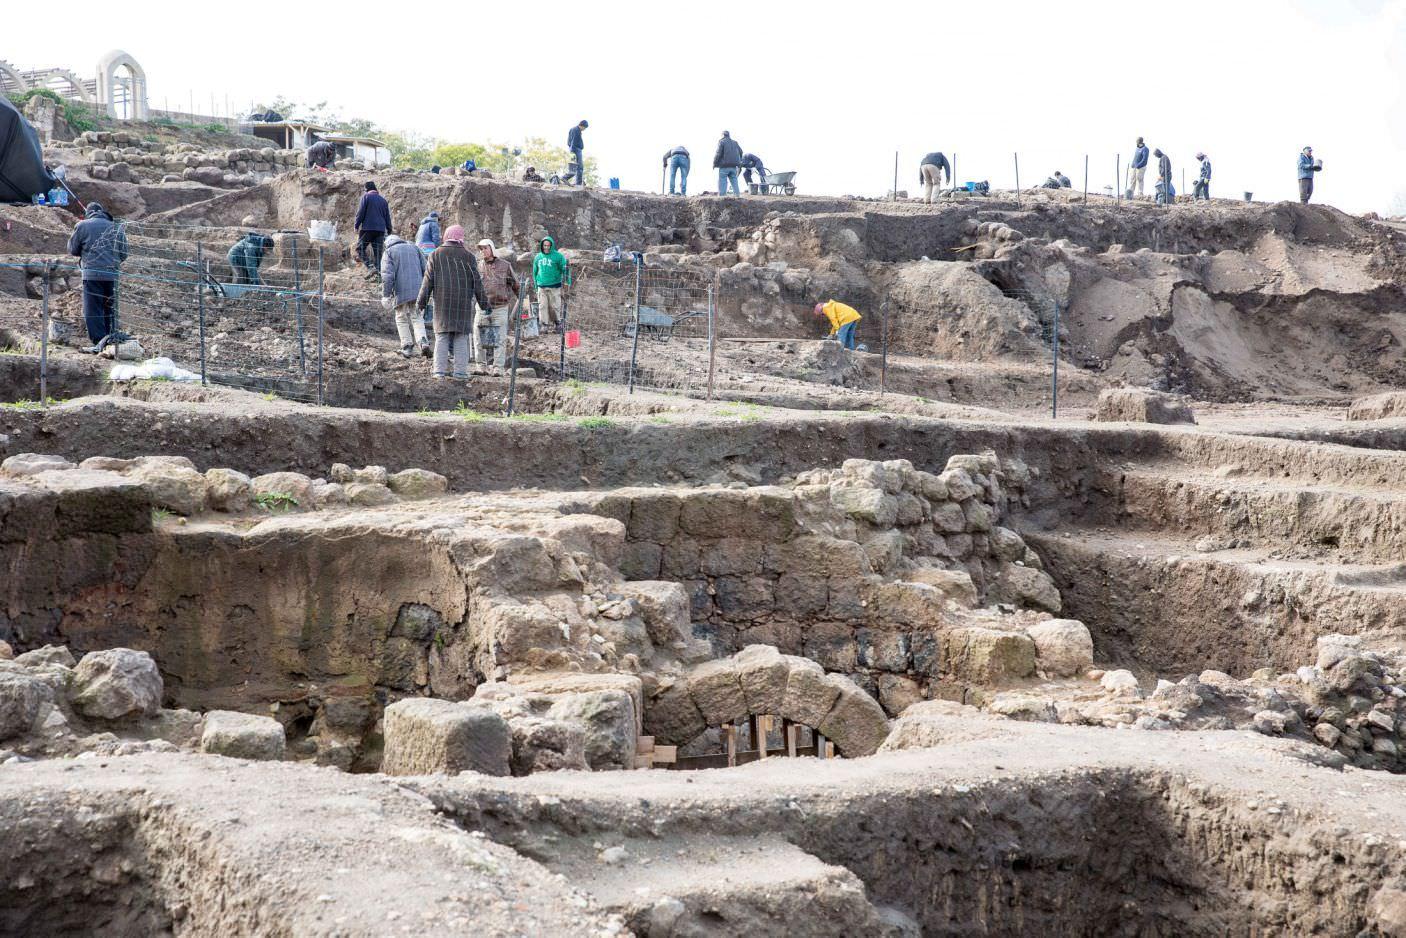 πέτρα Δέκα Εντολές αρχαιολογικός χώρος